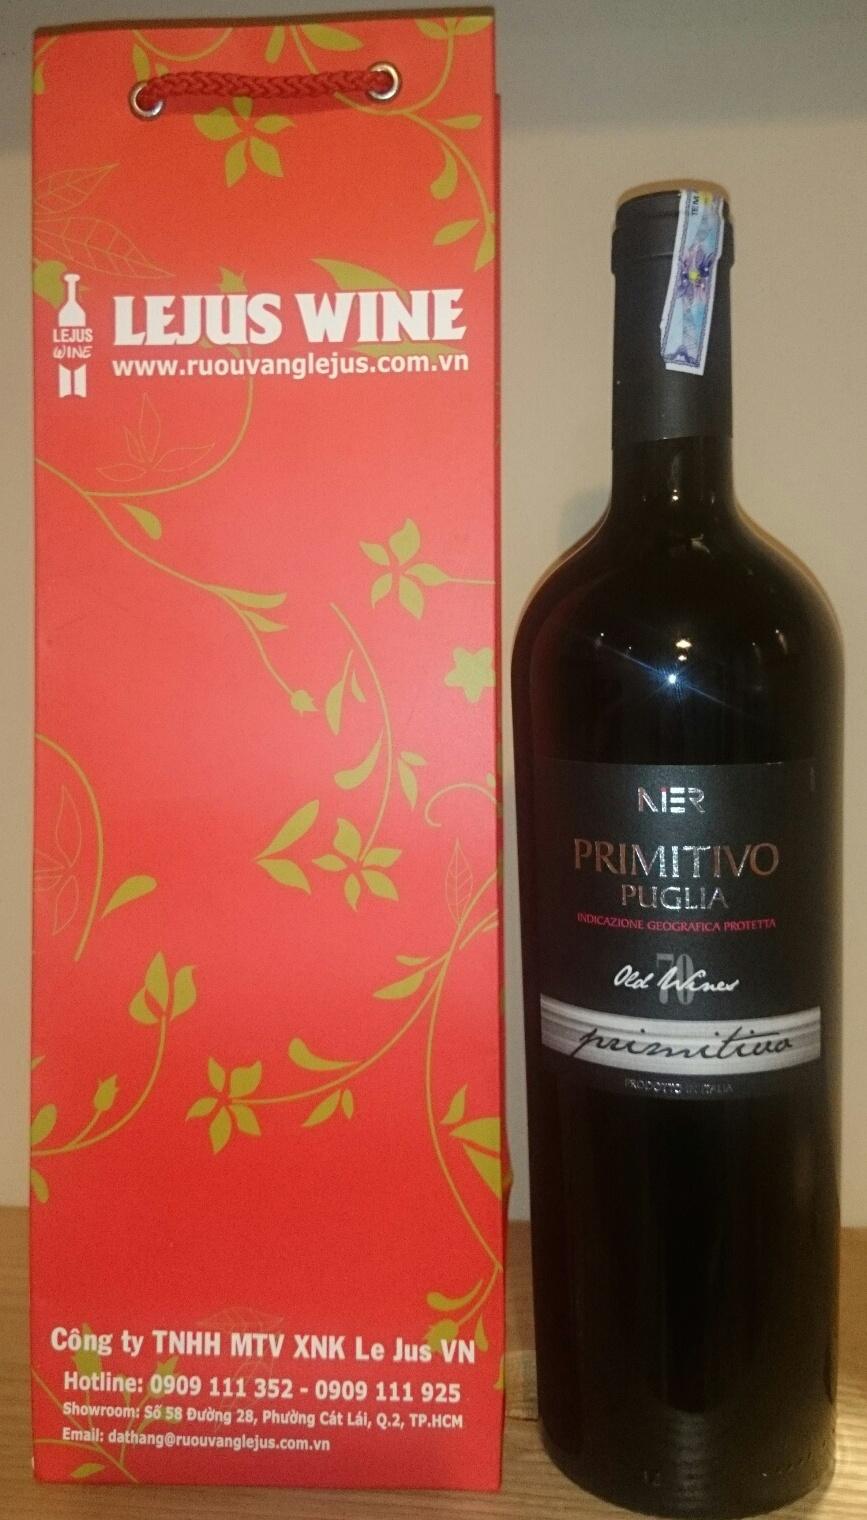 Primitivo 70 năm old vines - Rượu vang Ý nhập khẩu